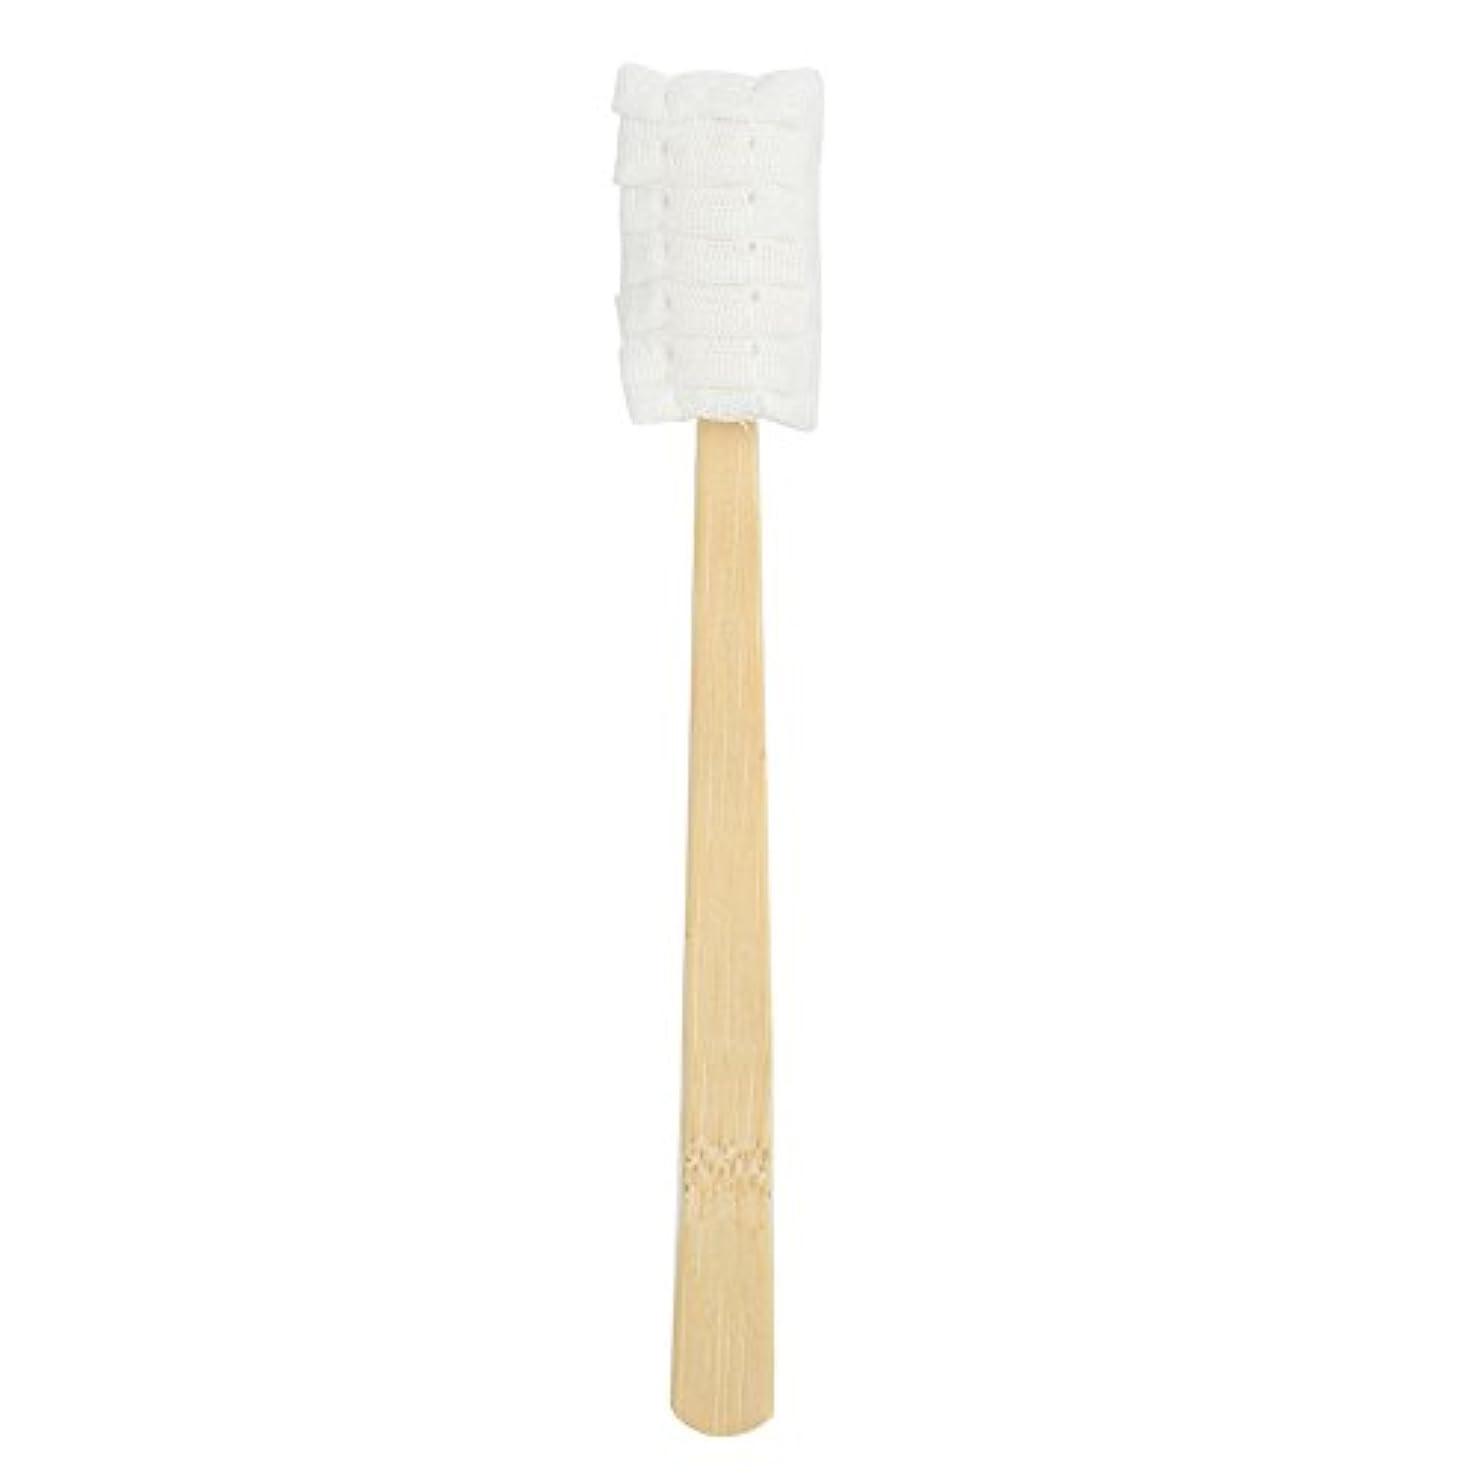 乙女会話名義で30pcs使い捨てマタニティソフトガーゼ歯ブラシ